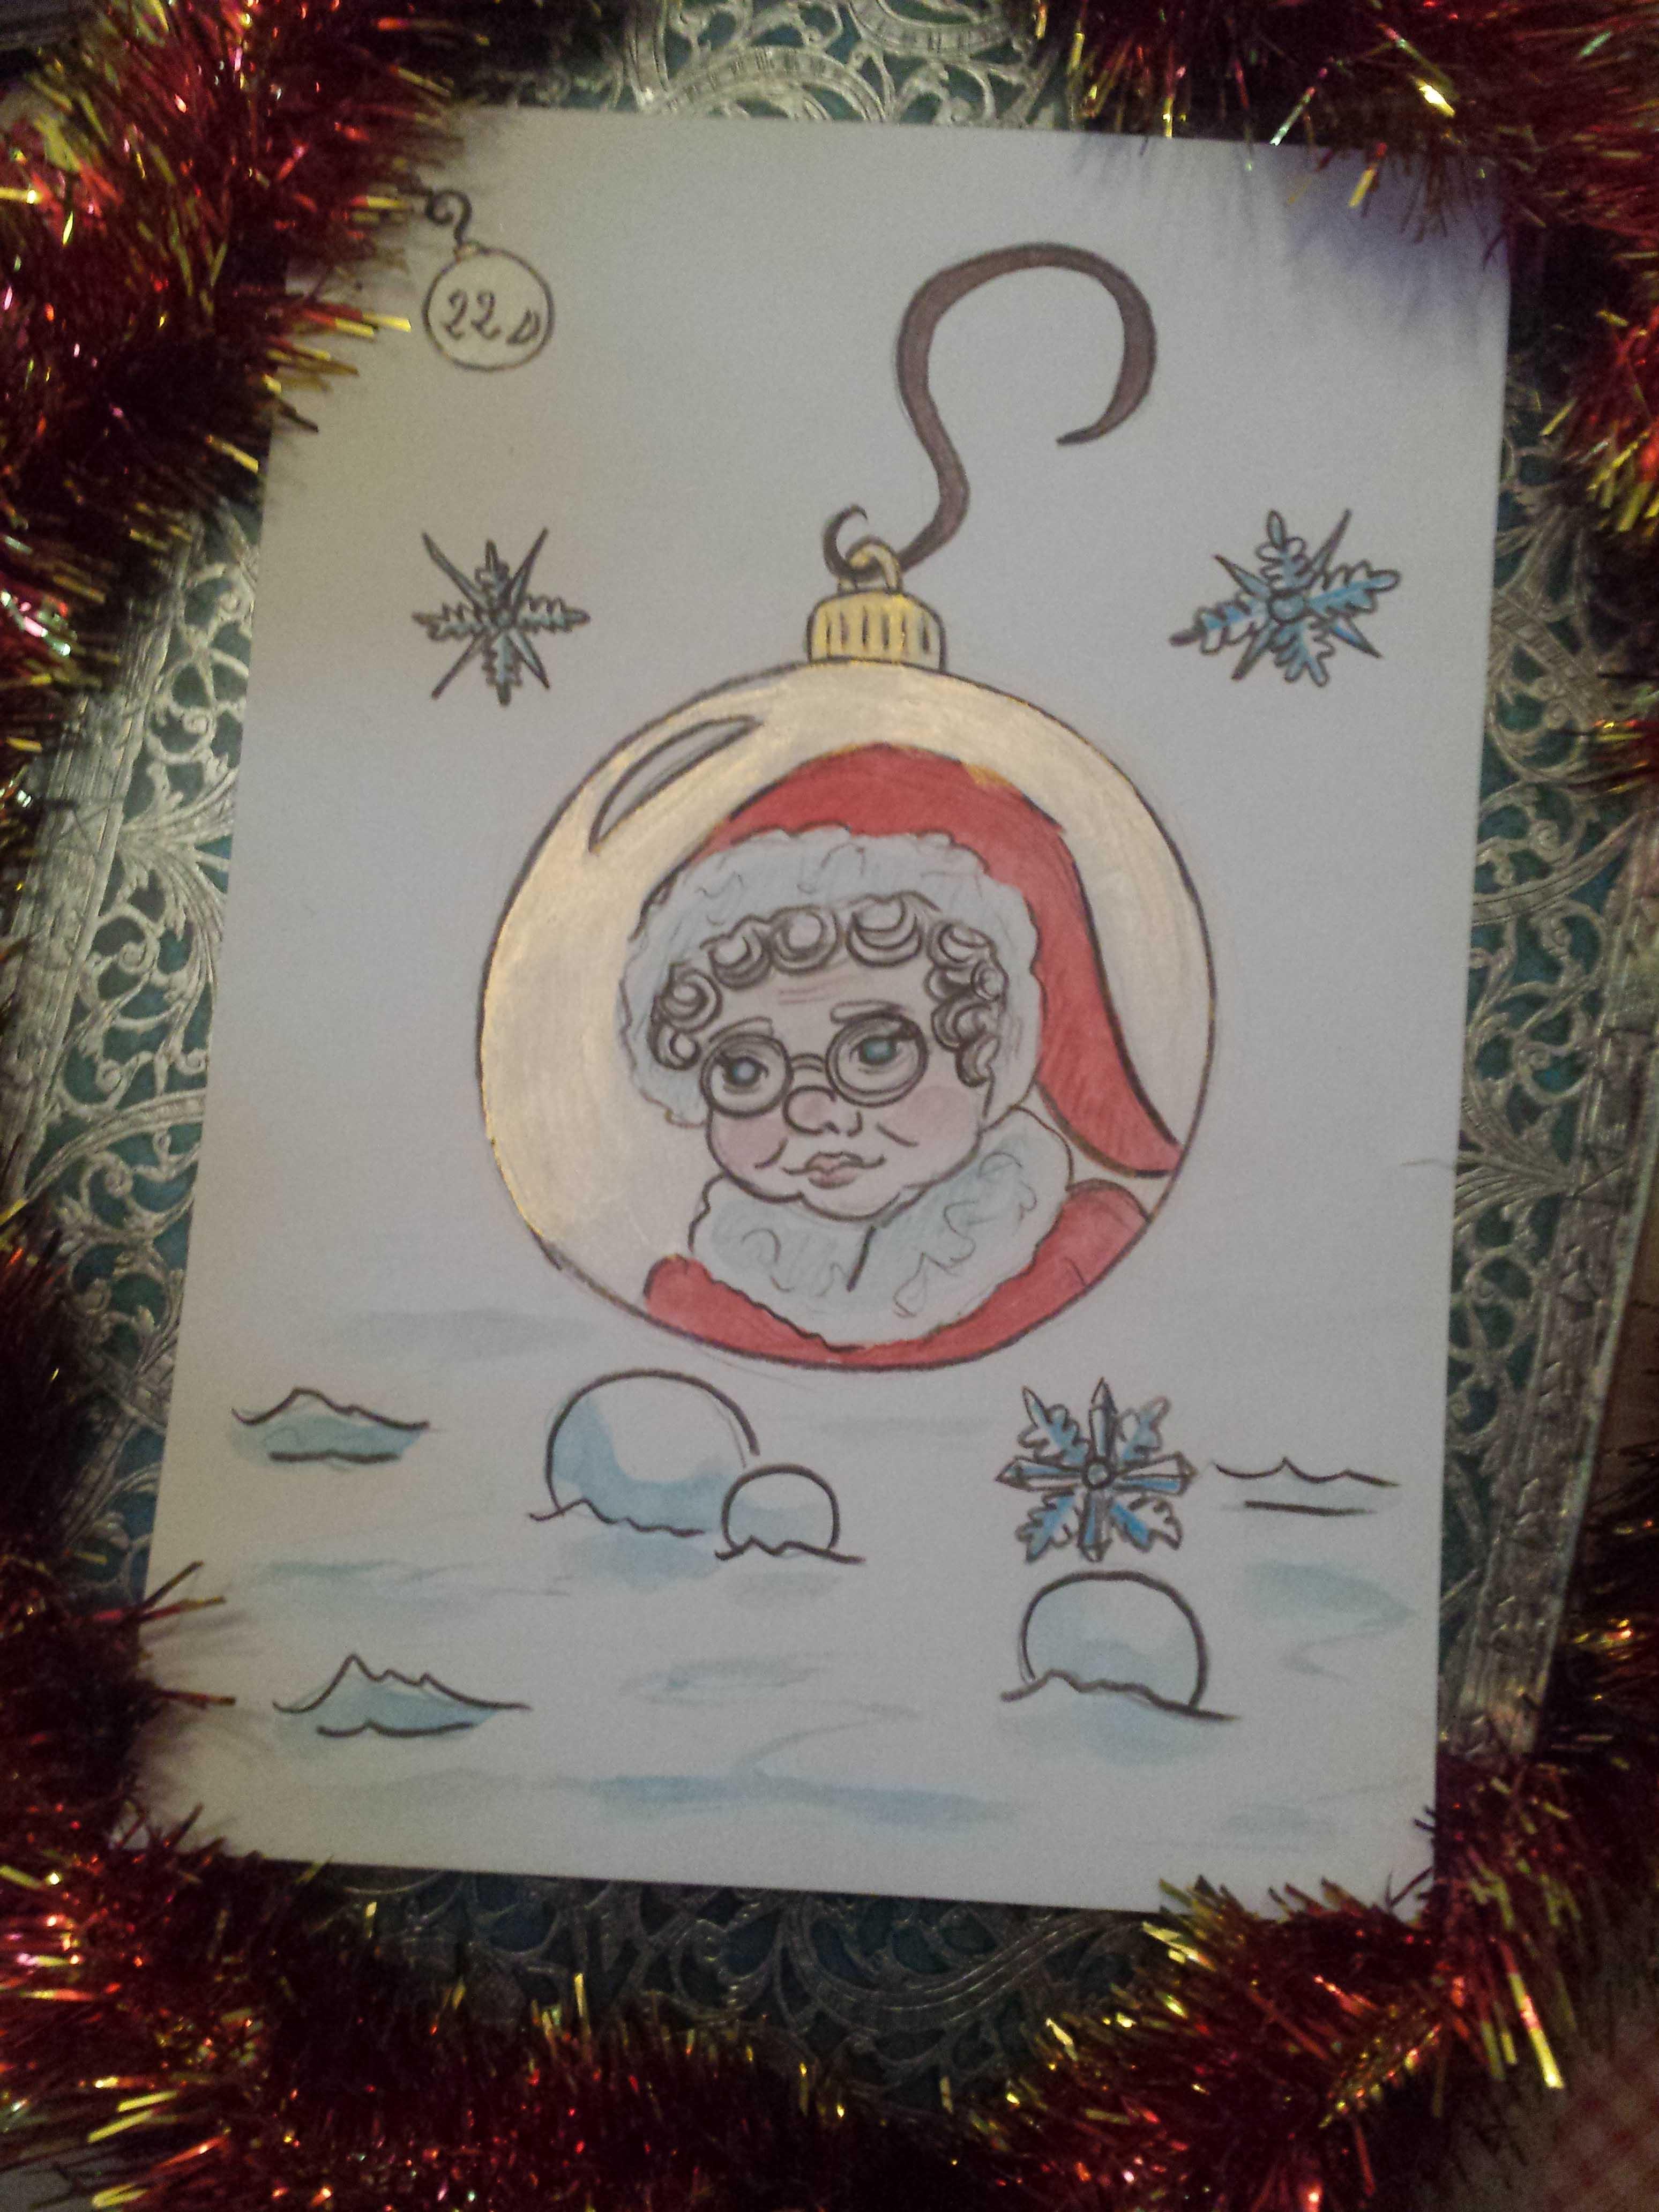 Mère Noël personnage important de Noël